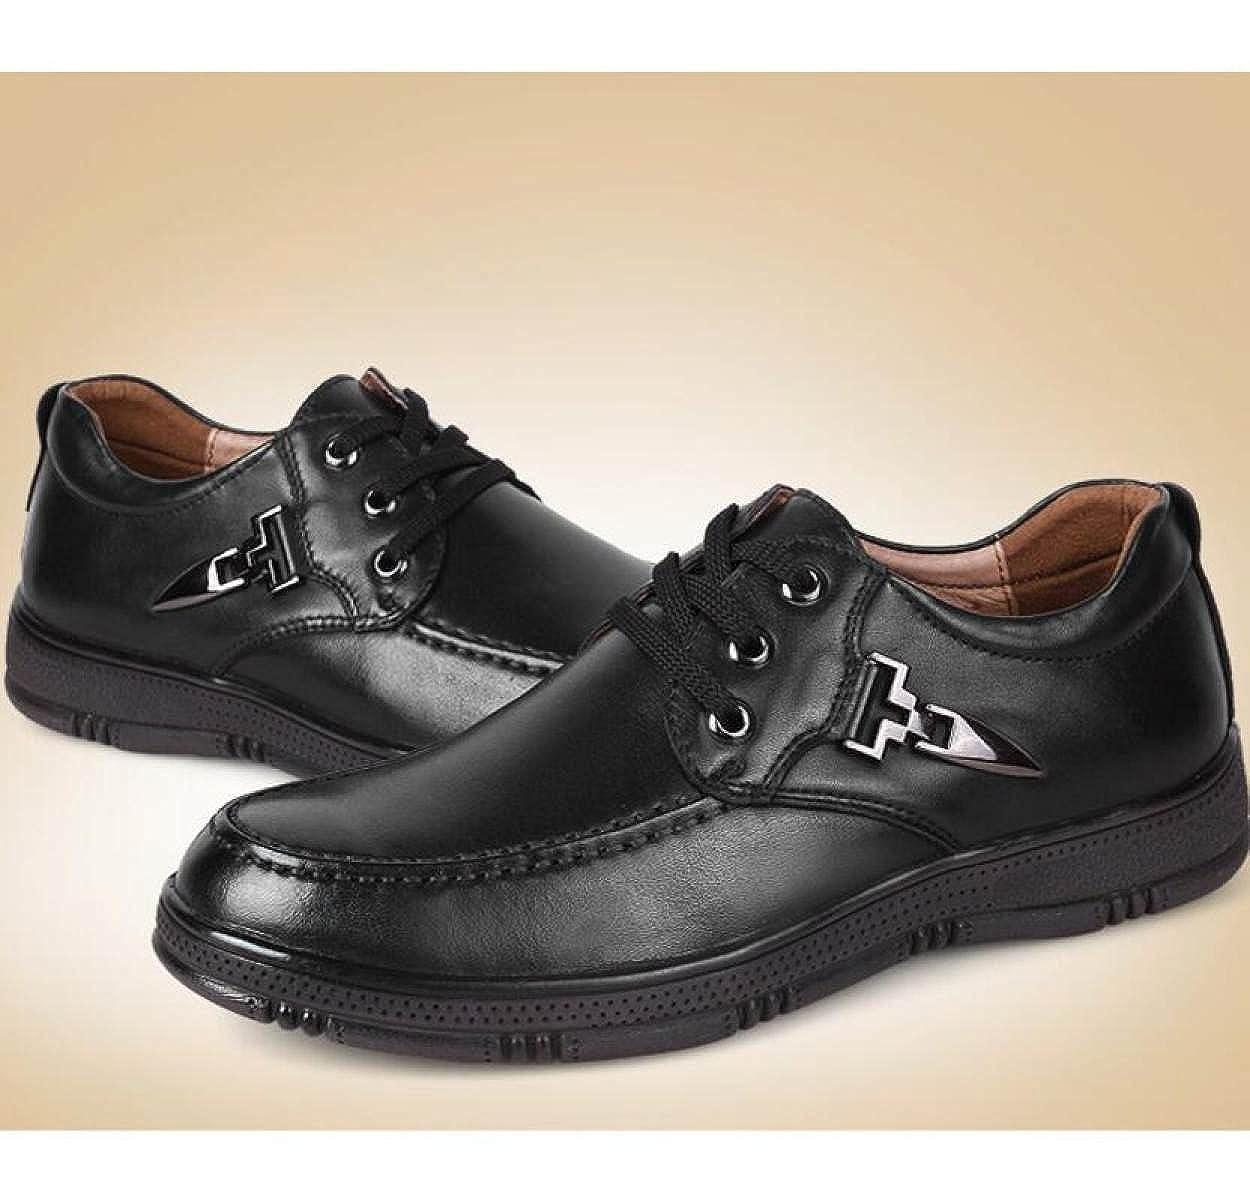 Frühling Casual Schuhe Männer Casual Frühling Herrenschuhe Einzelschuhe Lederschuhe schwarz f187cf